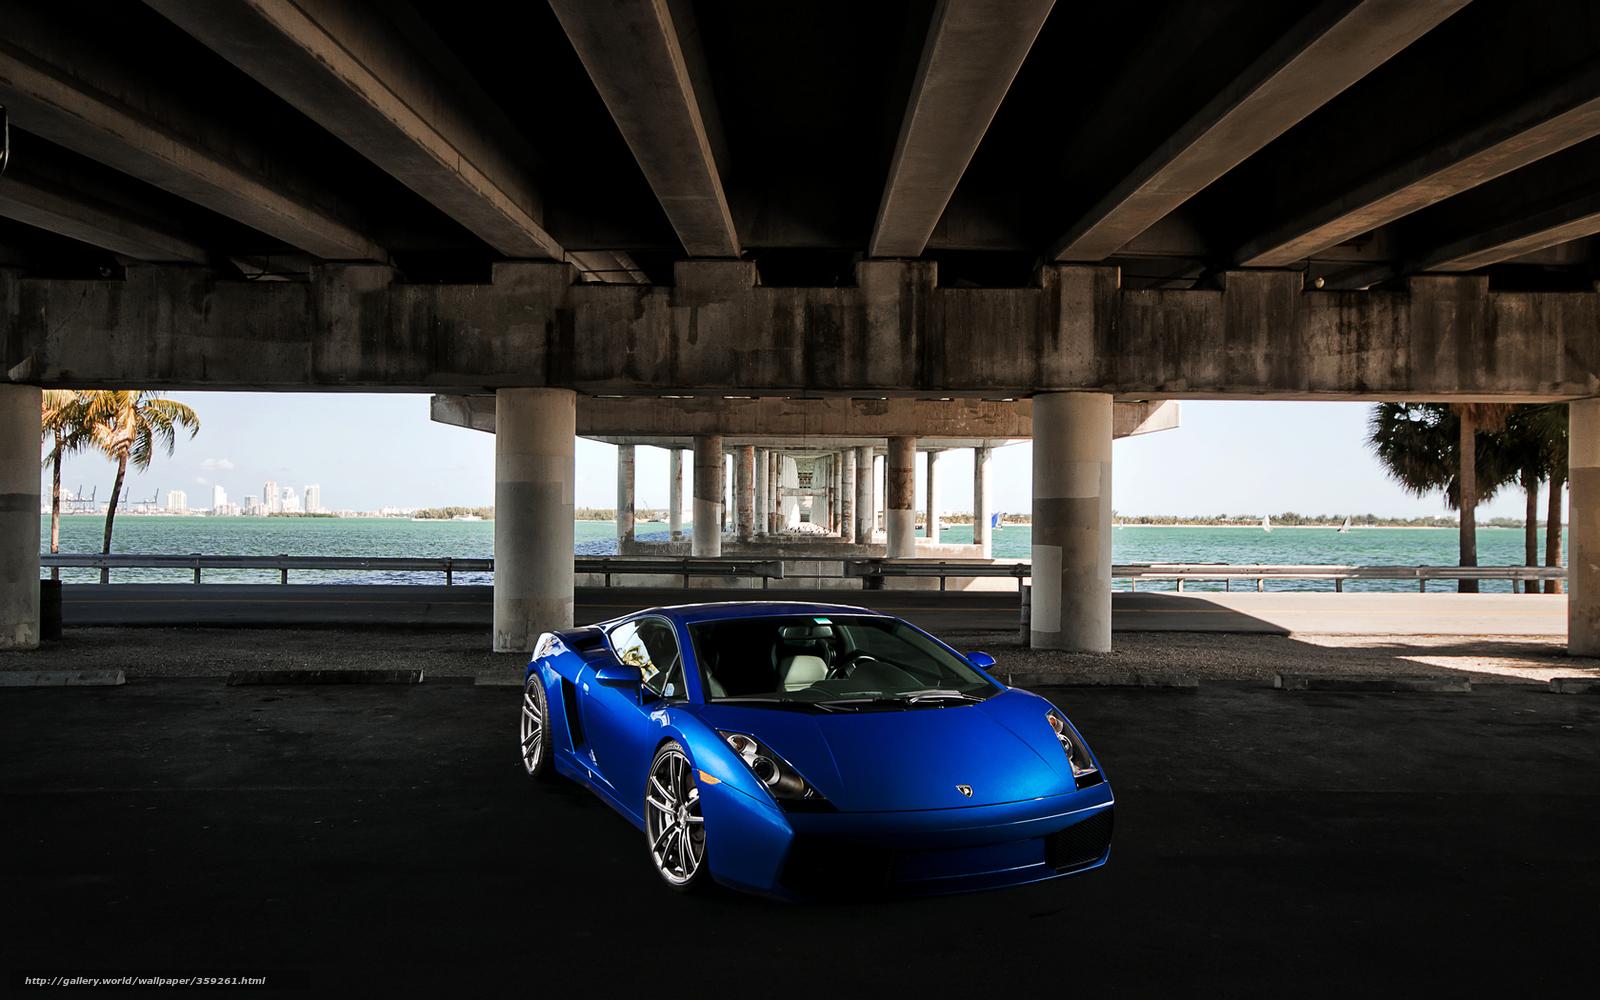 Download wallpaper Lamborghini,  Lamborghini,  Gallardo,  blue free desktop wallpaper in the resolution 1680x1050 — picture №359261